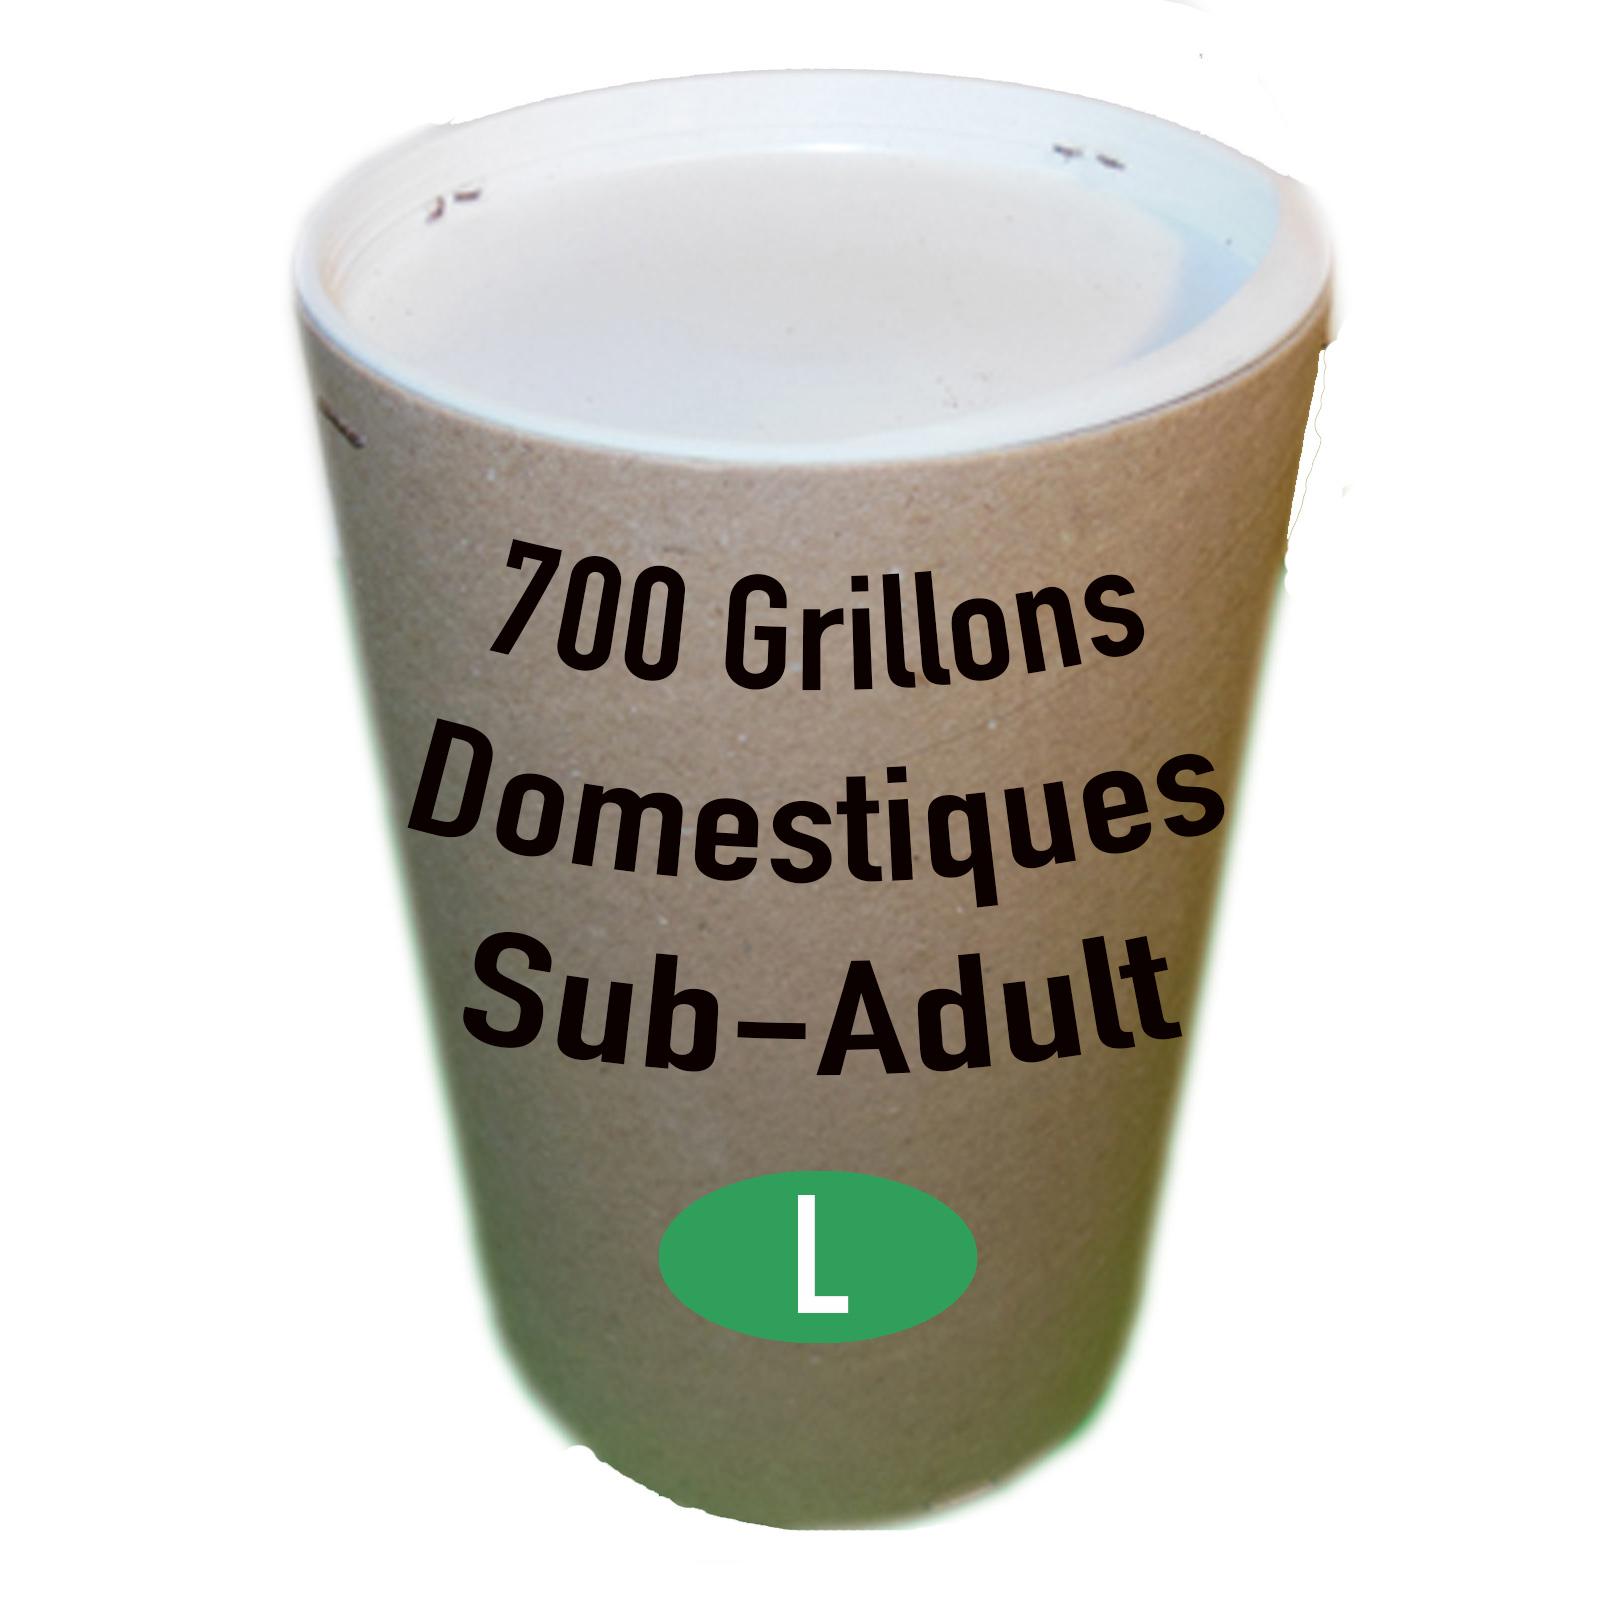 GRILLONS SUB ADULTES PAR 700